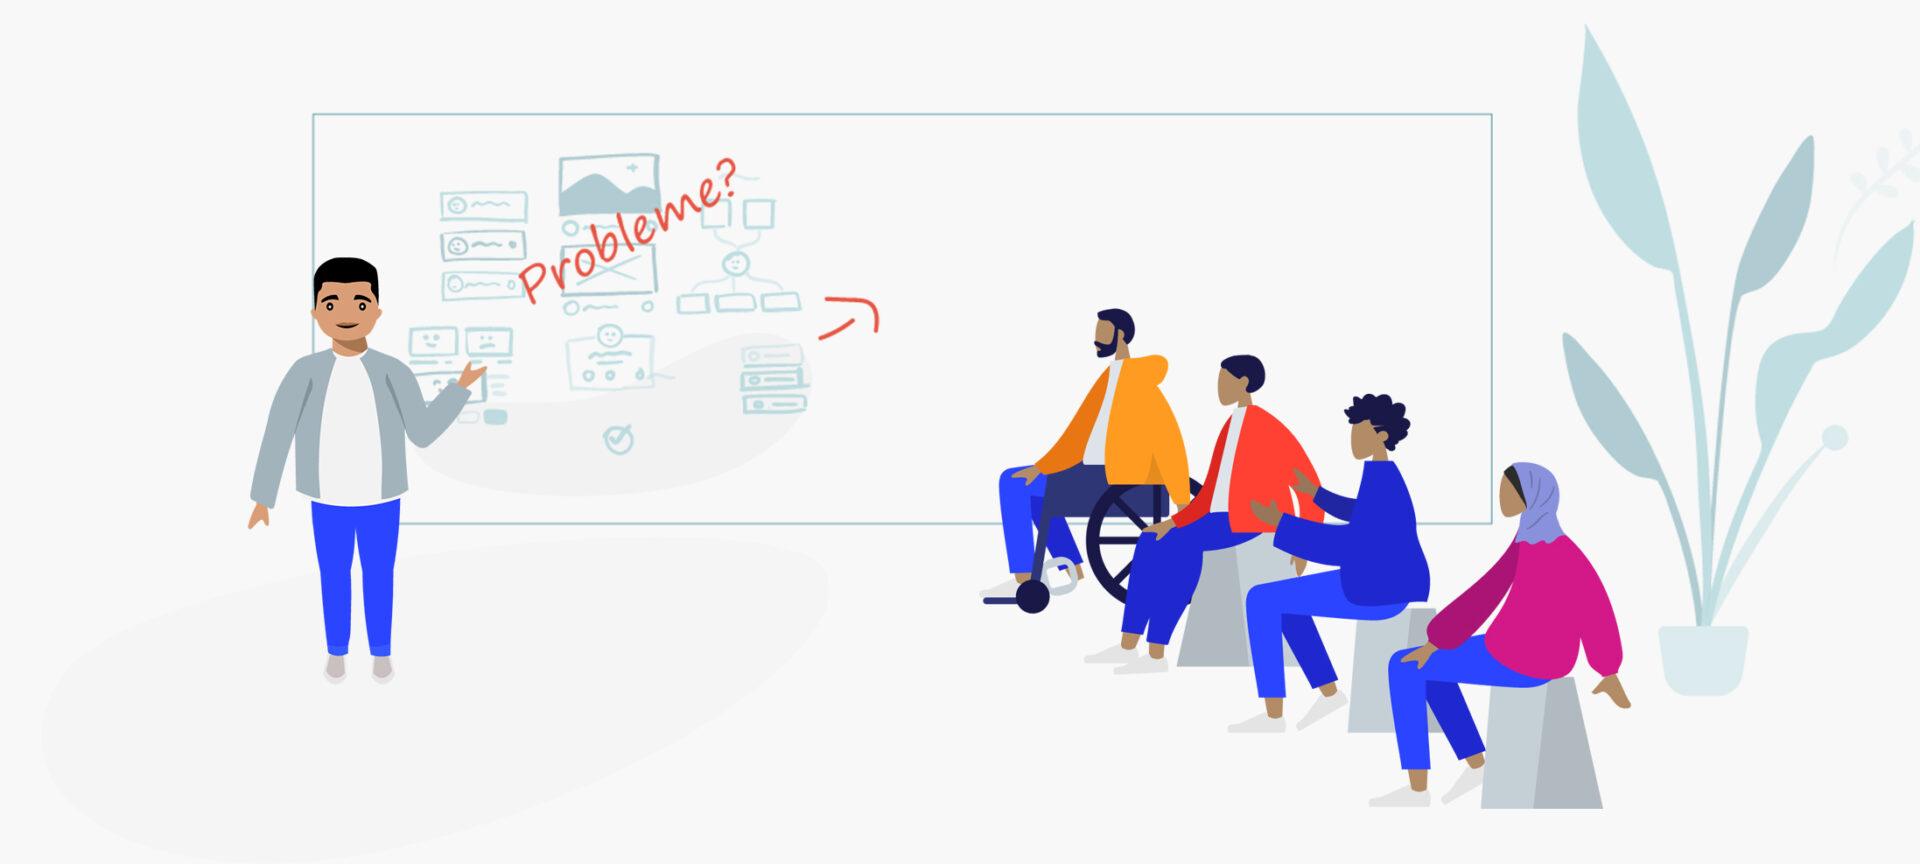 Illustration: Ein Mann erklärt einer Gruppe von vier Schüler*innen etwas. Auf der Tafel steht das Wort Probleme.